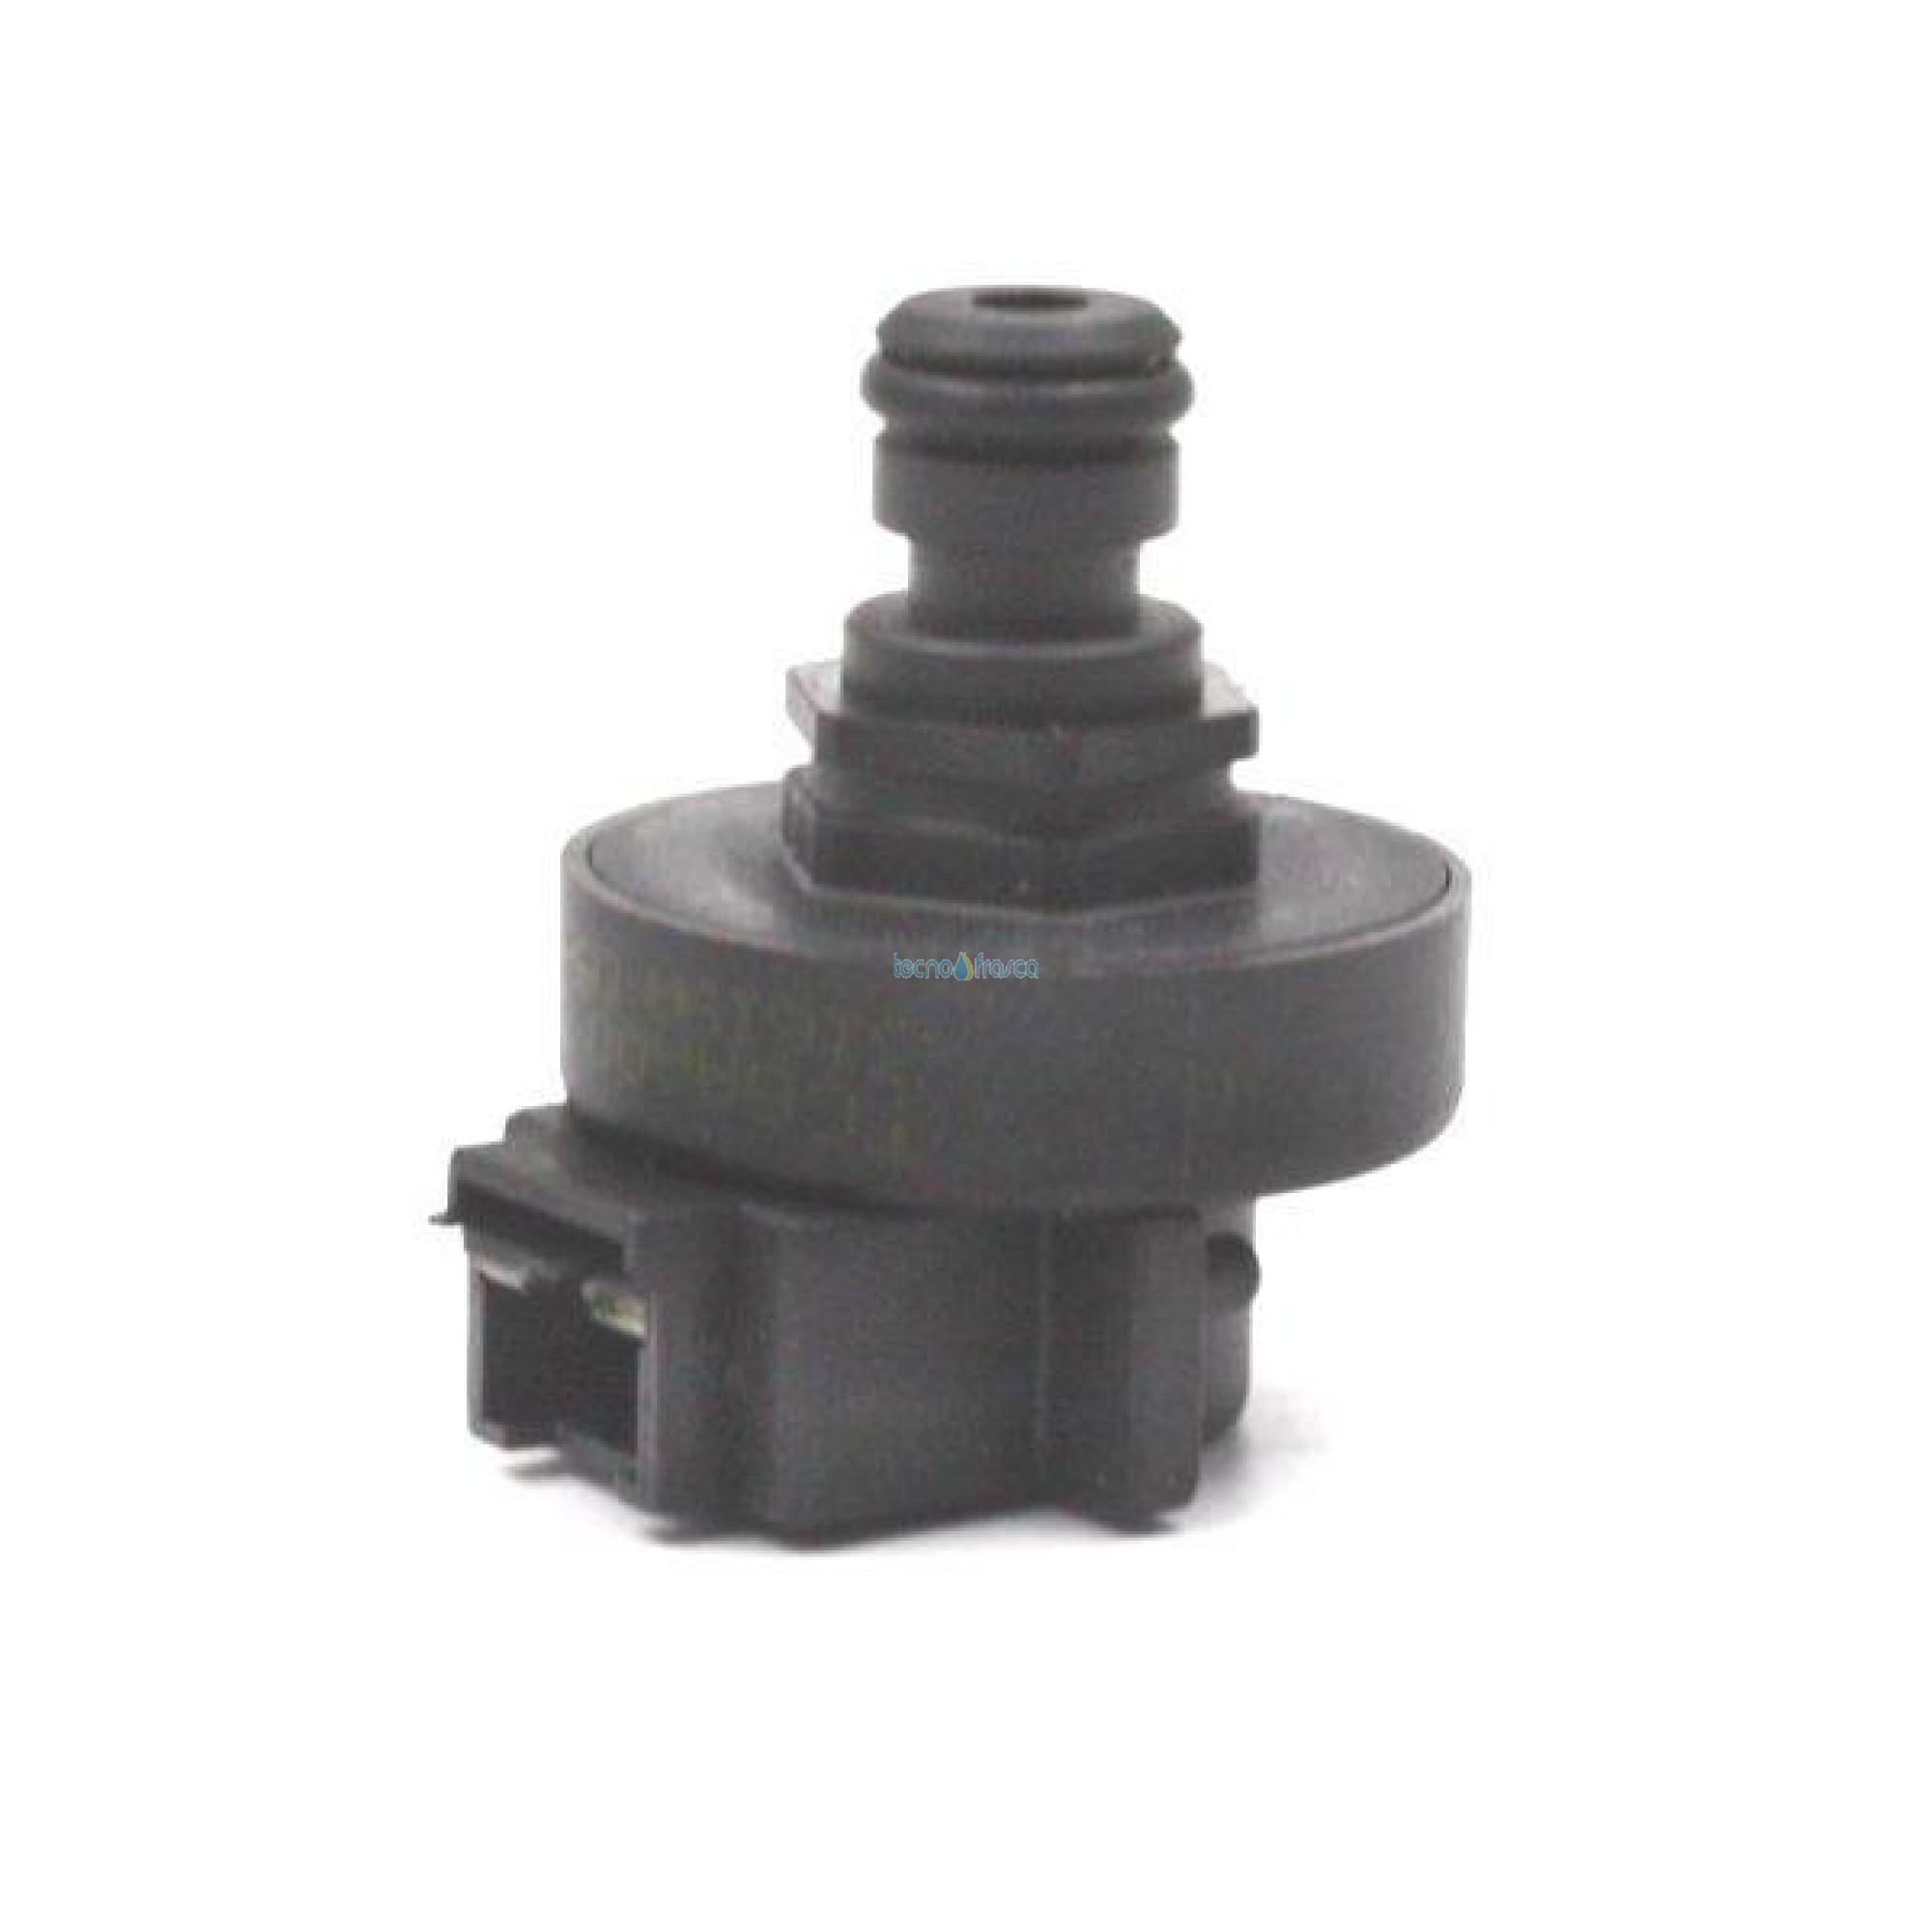 Trasdusttore di pressione 0.5-2.5 quick gte-tciaa00